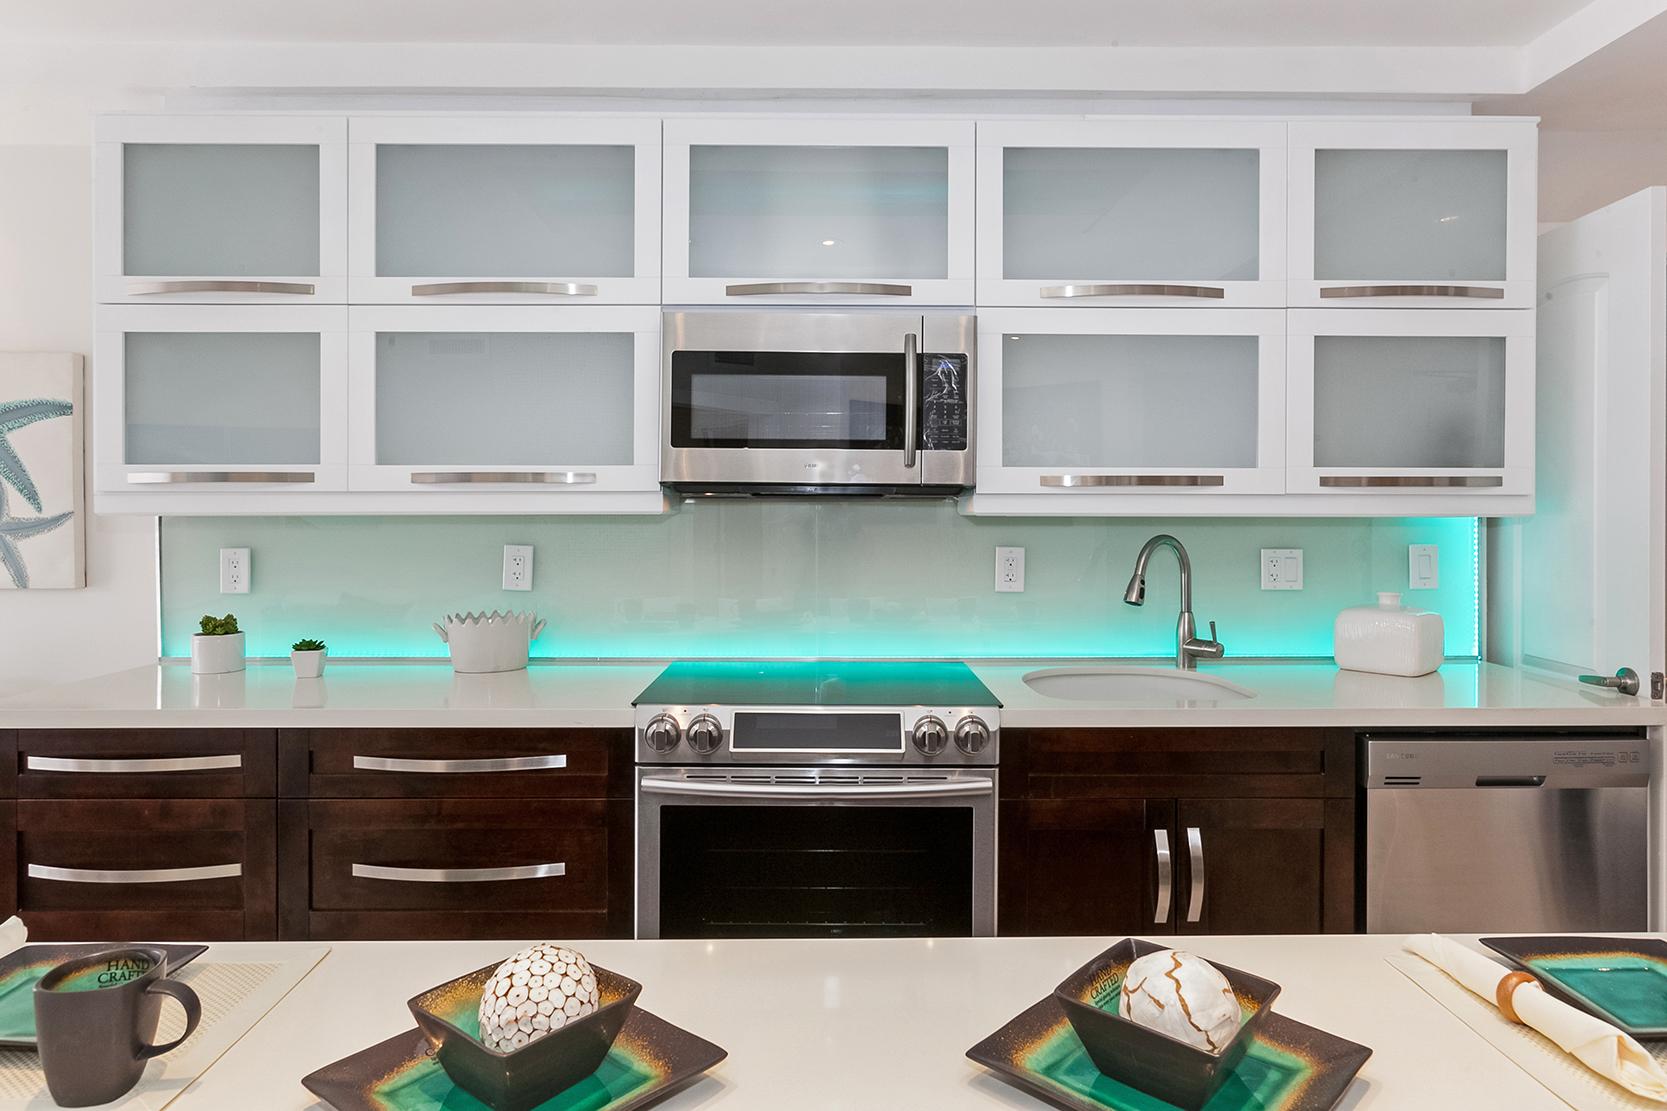 - Back-lit Backsplash LED Nohmis Design & Construction